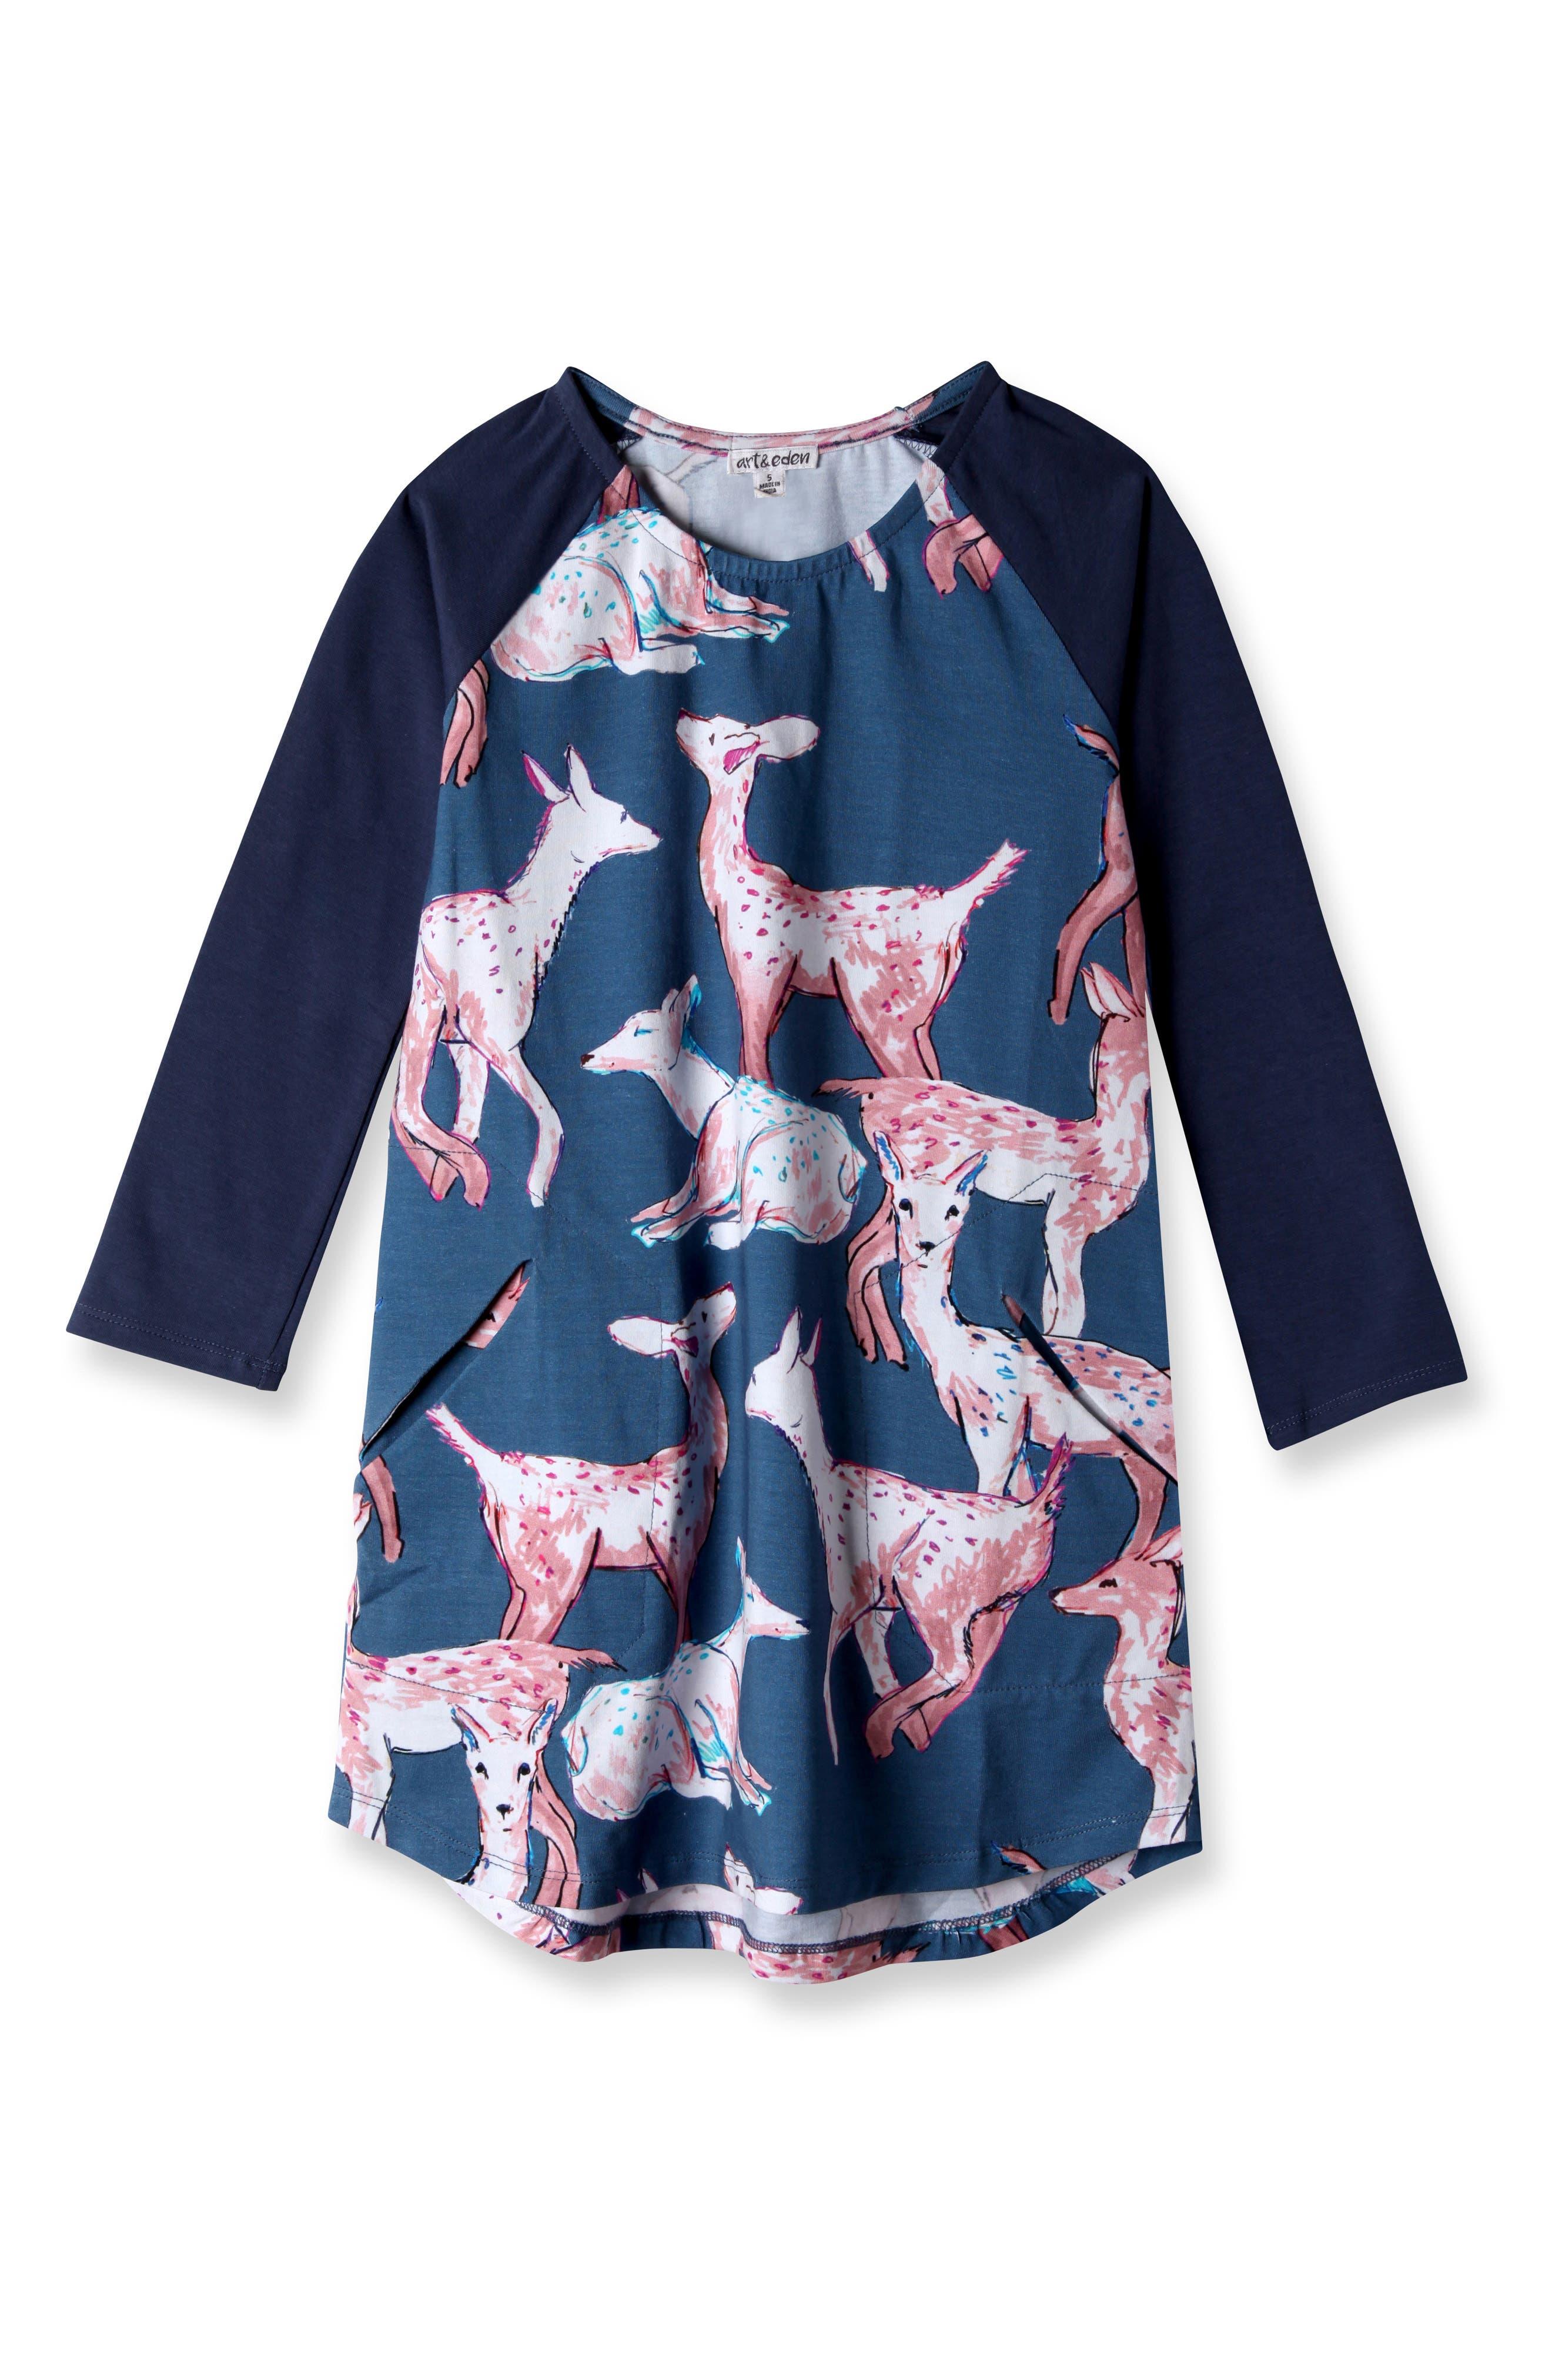 Main Image - Art & Eden Luna Dress (Toddler Girls & Little Girls)